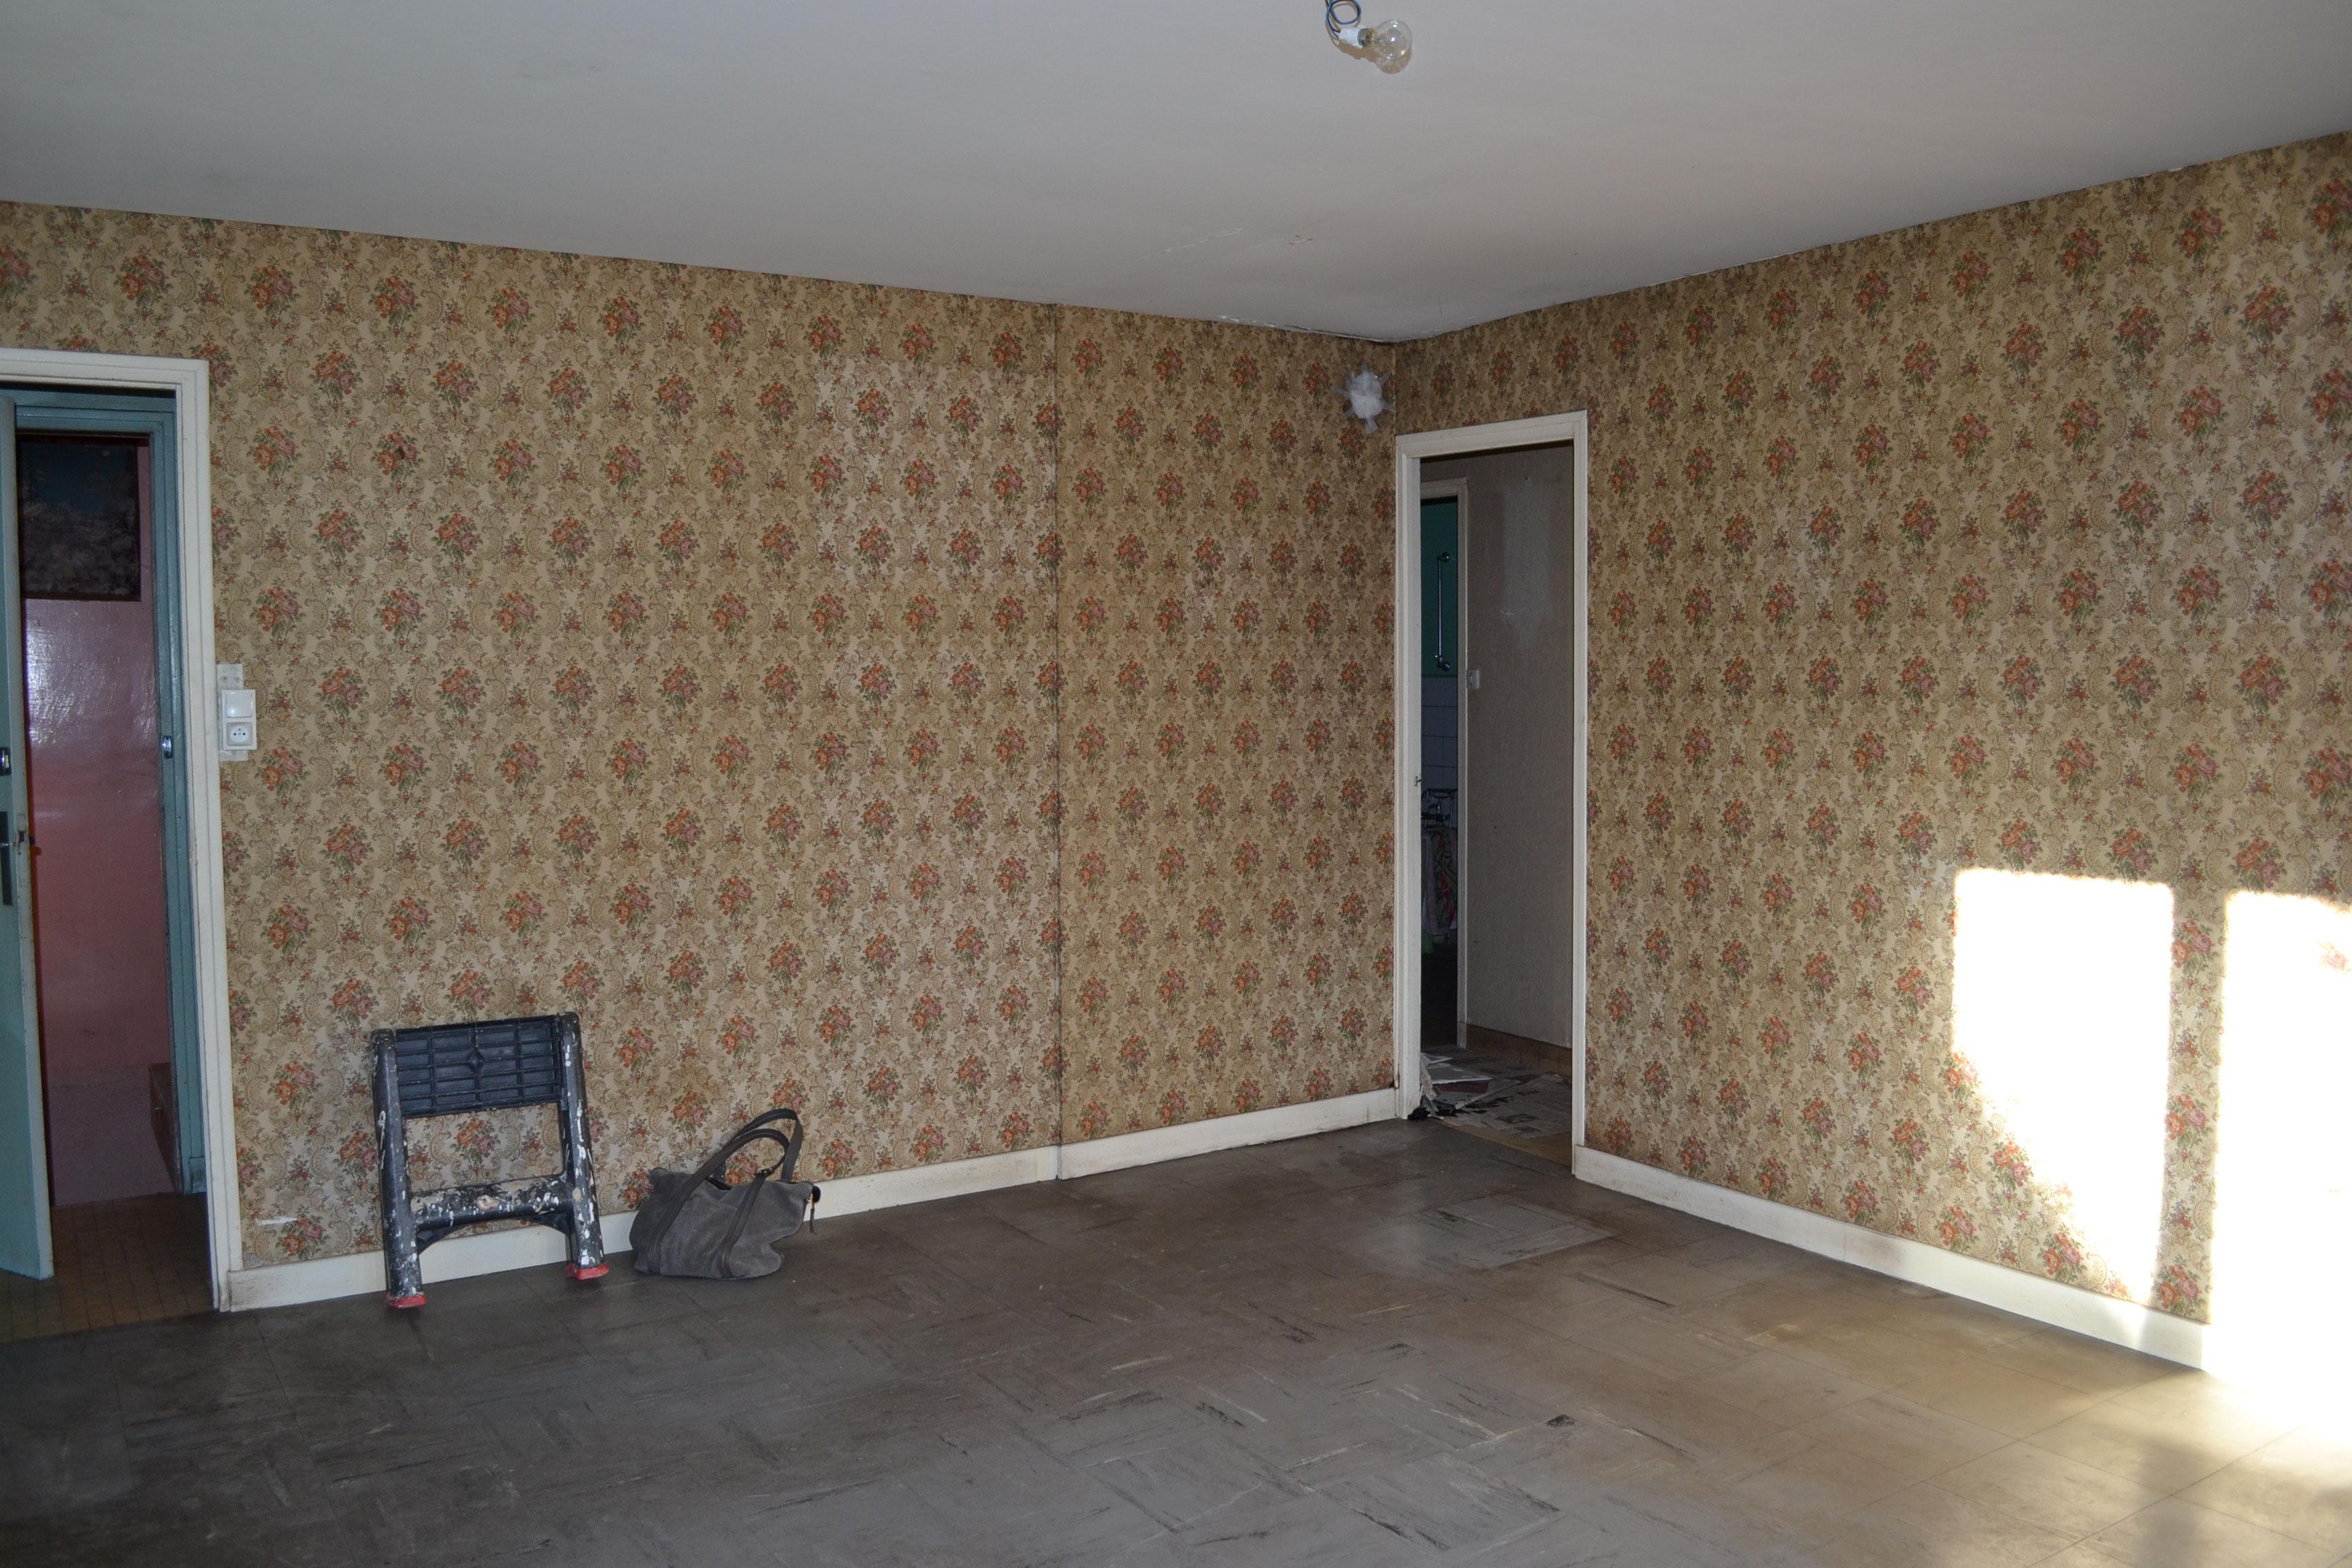 Suivez moi atelier inside d corateur d 39 int rieur - Decorateur interieur nancy ...